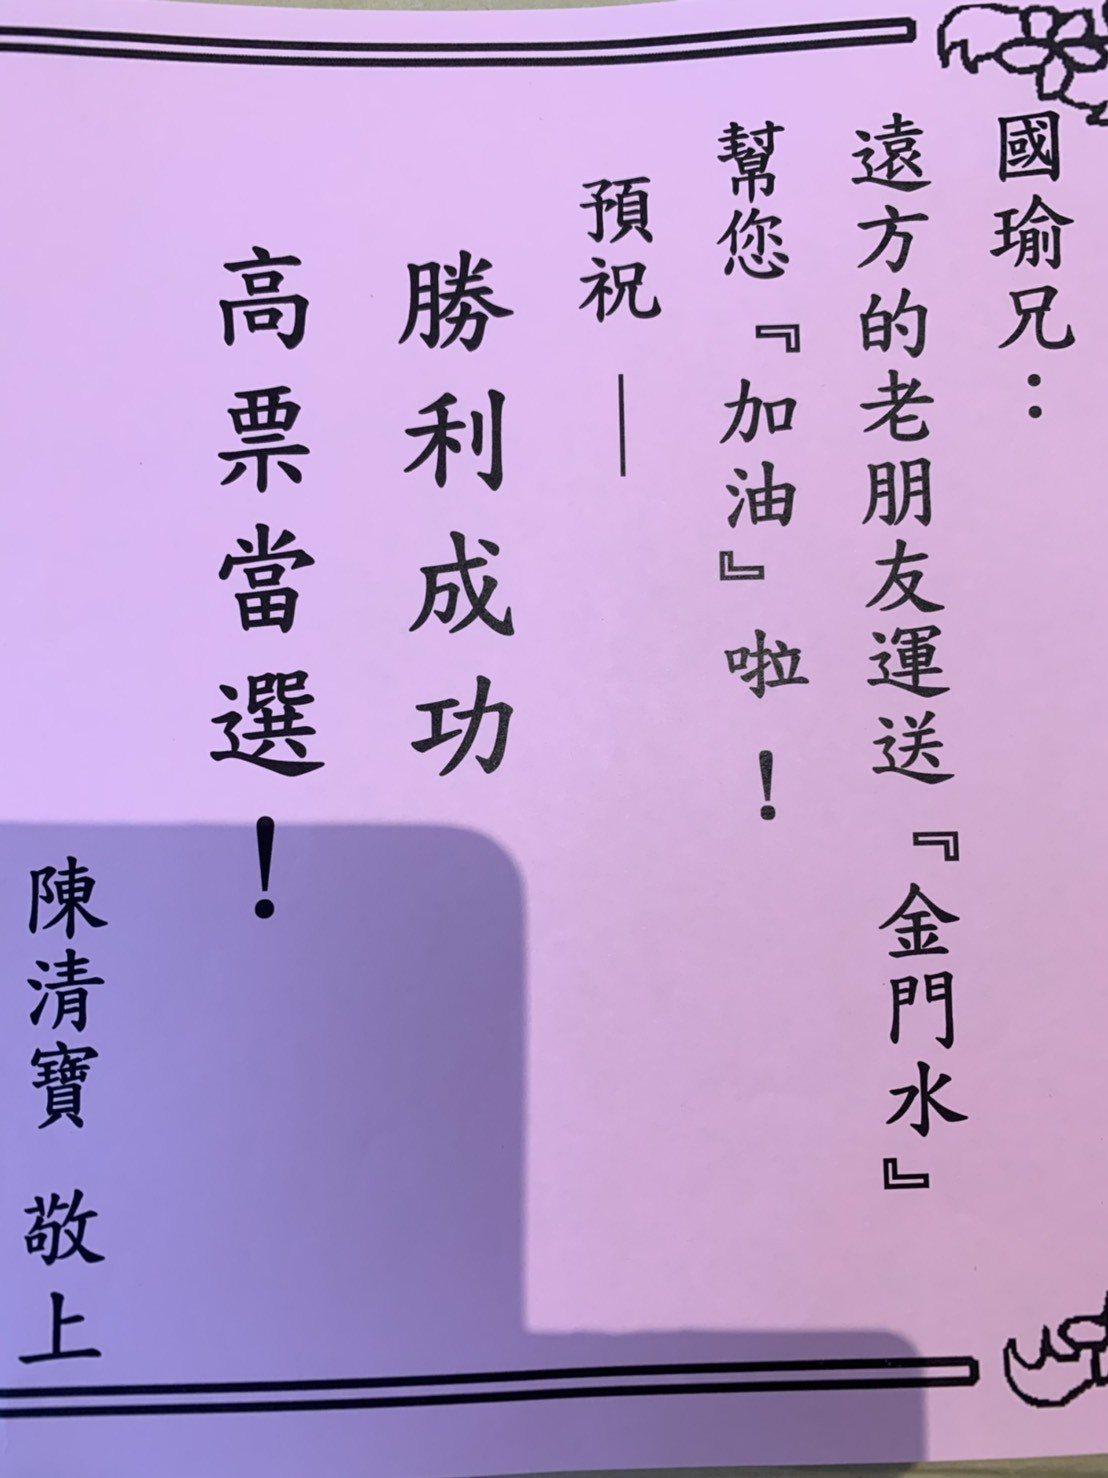 陳清寶說,當時他只是想幫選情低迷的韓國瑜打氣,酒箱還貼著「運送金門水幫您加油啦」...